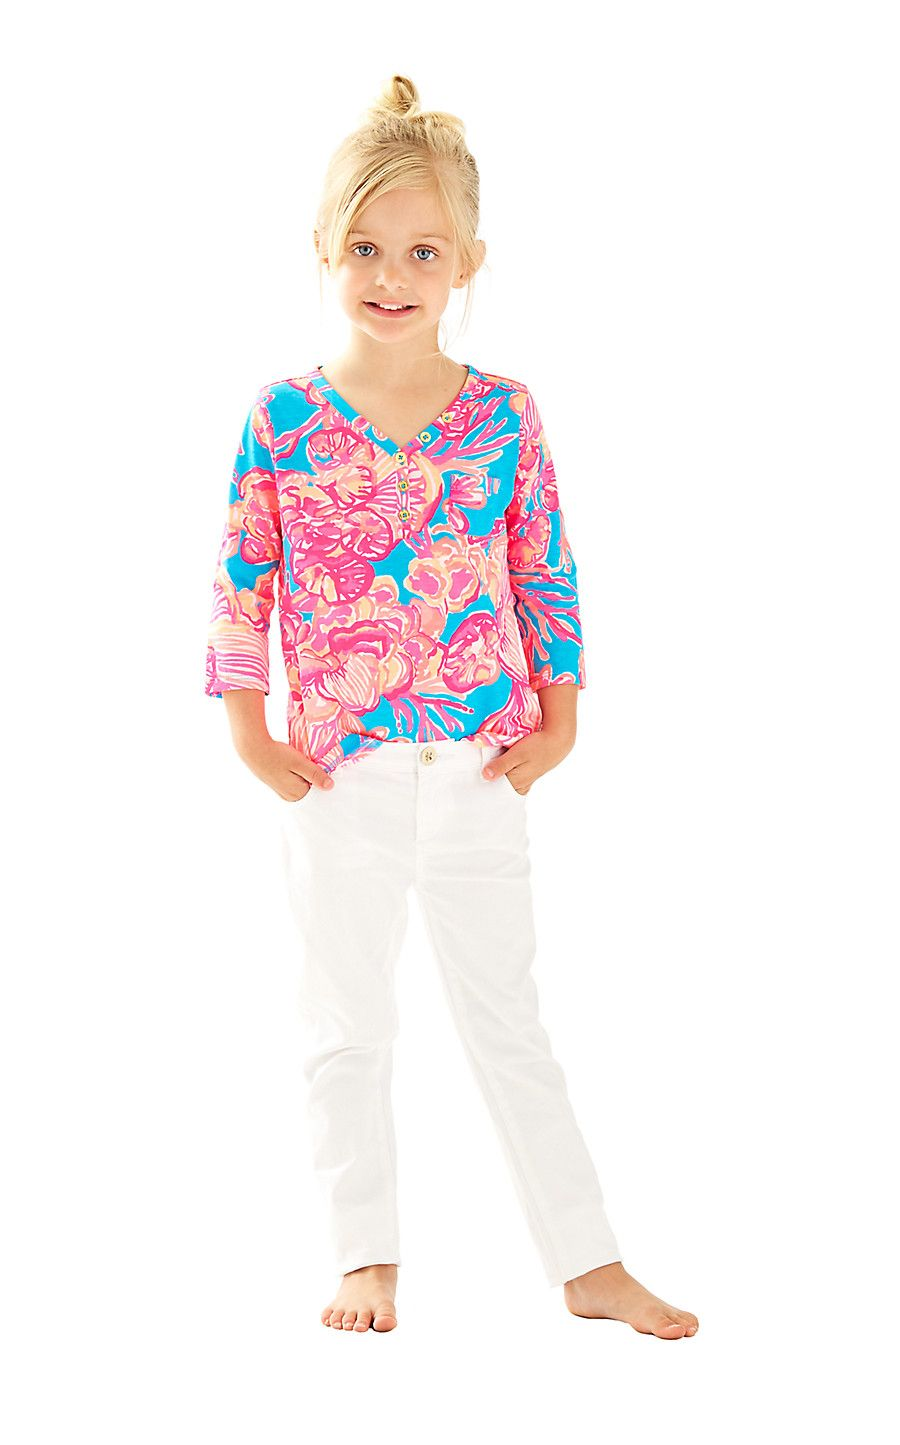 e6caa3f132fc34 Mini Palmetto Tunic Top - Lilly Pulitzer | Lily for Kids | Tunic ...